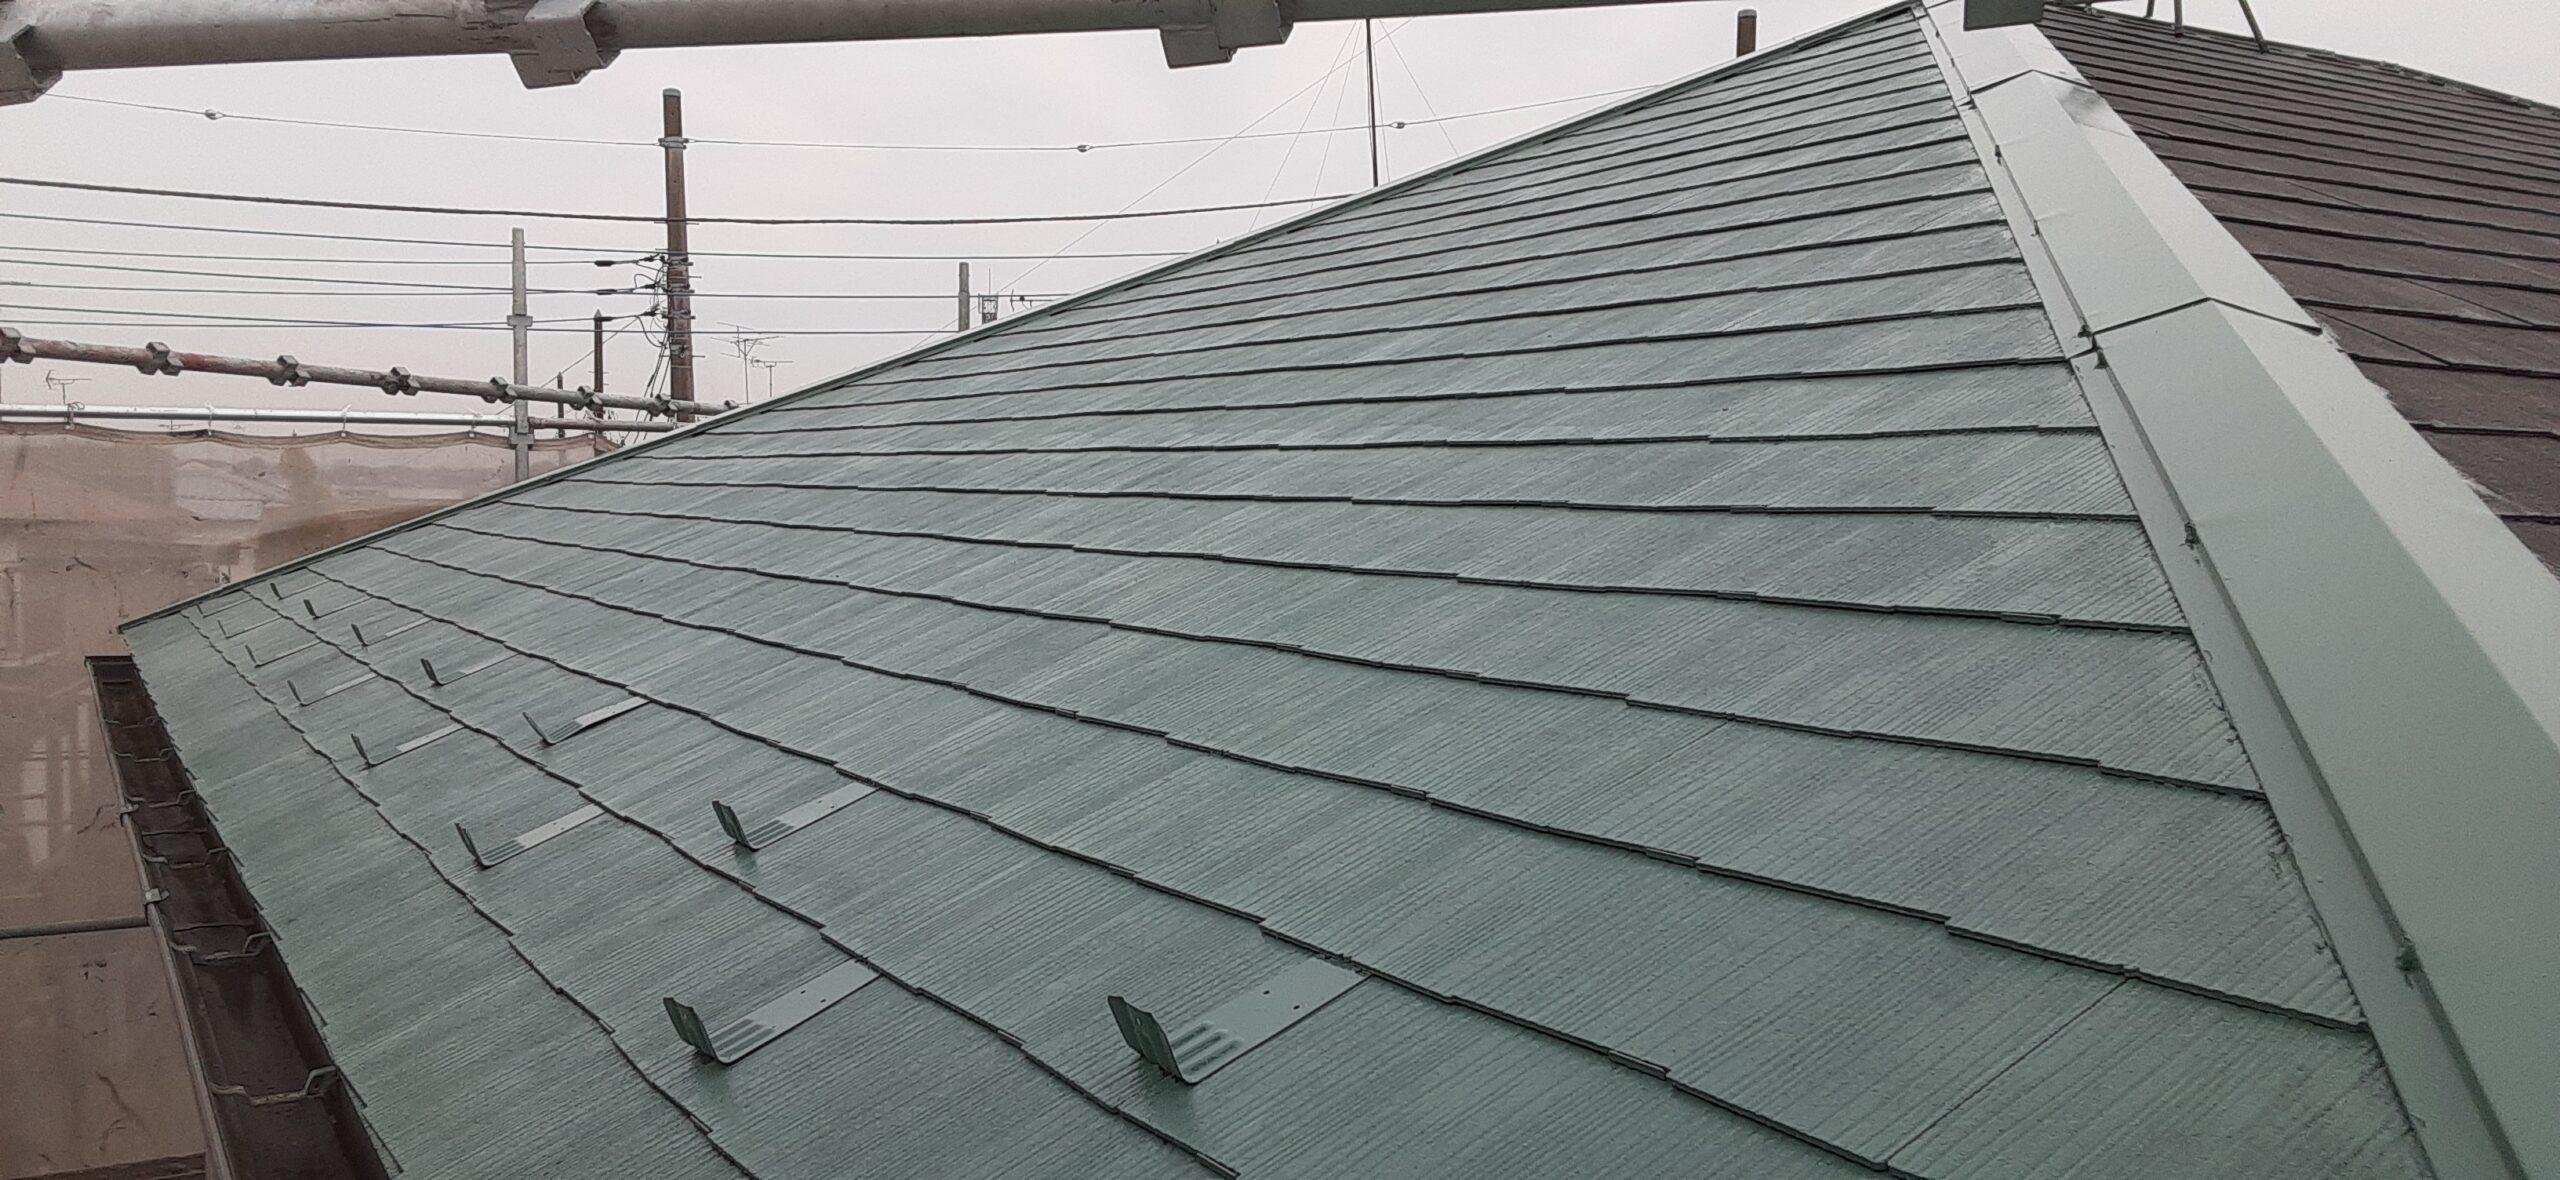 埼玉県さいたま市 外壁塗装の養生、屋根の中塗り塗装/さいたま市岩槻区の(木造2階建て)M様邸にて塗り替えリホーム中